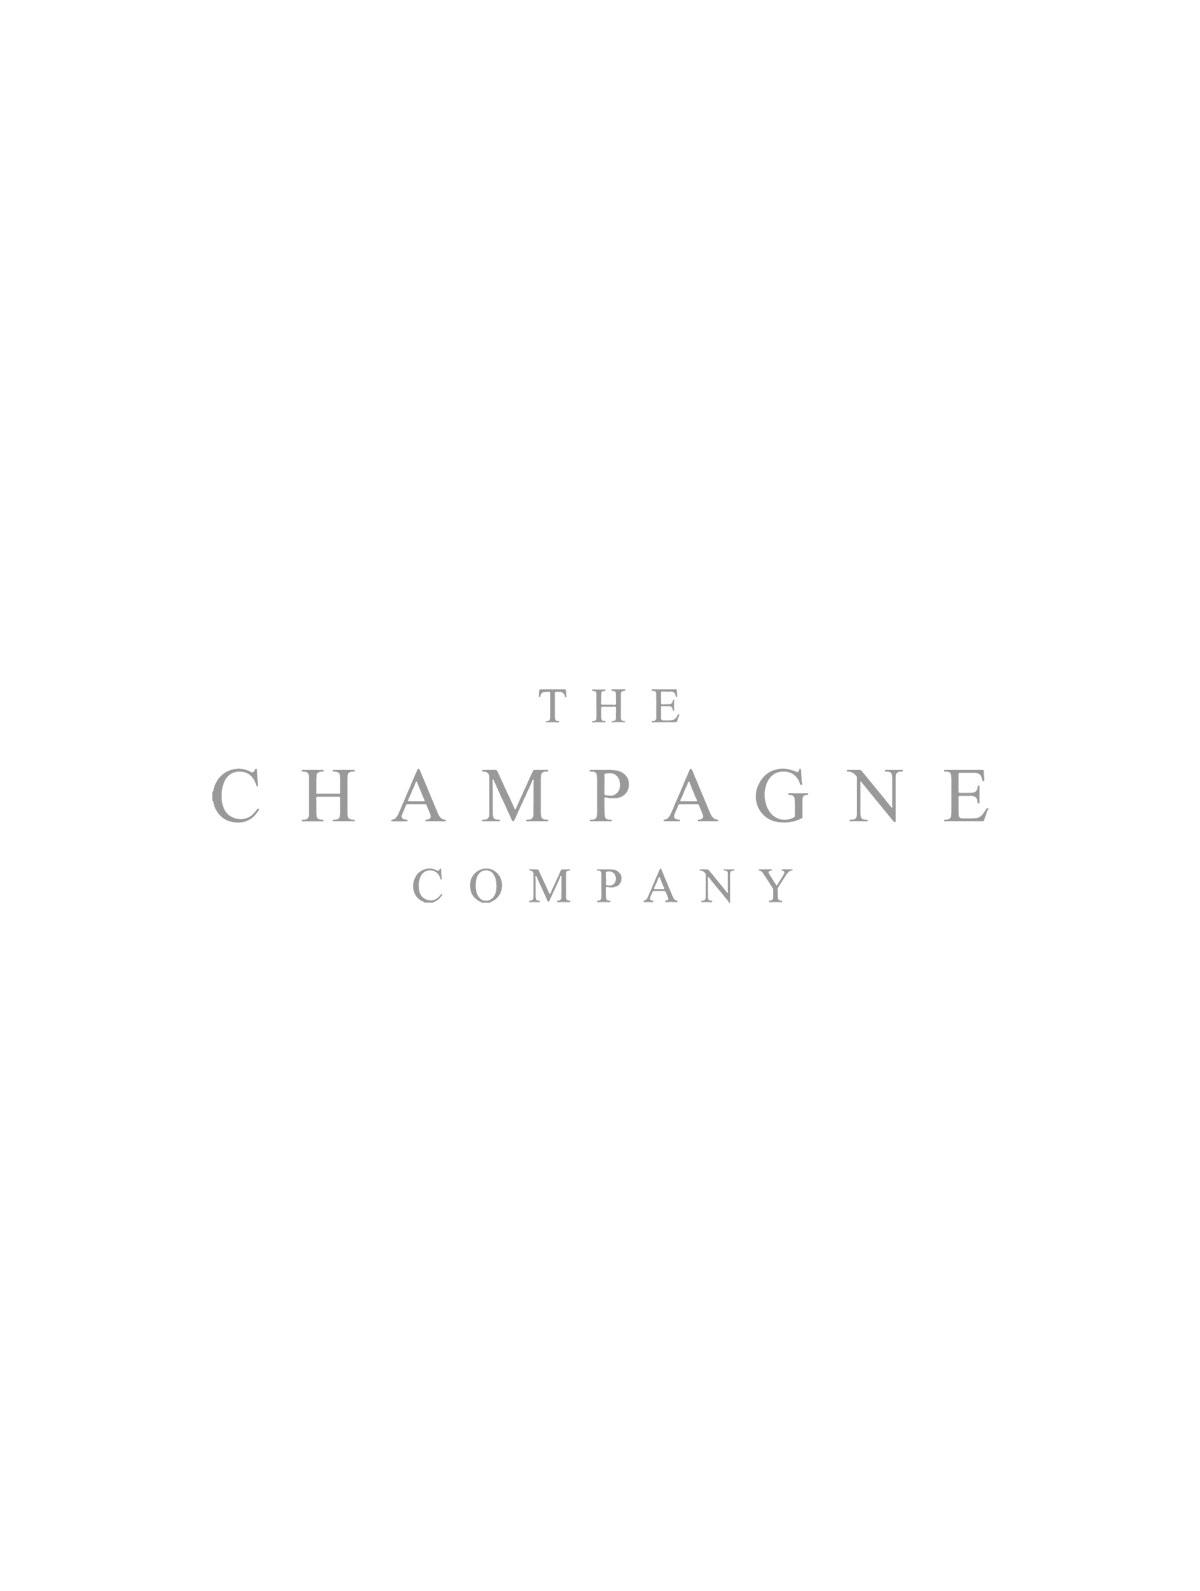 Rocco Prosecco Brut Conegliano e Valdobbiadene Wine Italy NV 75cl